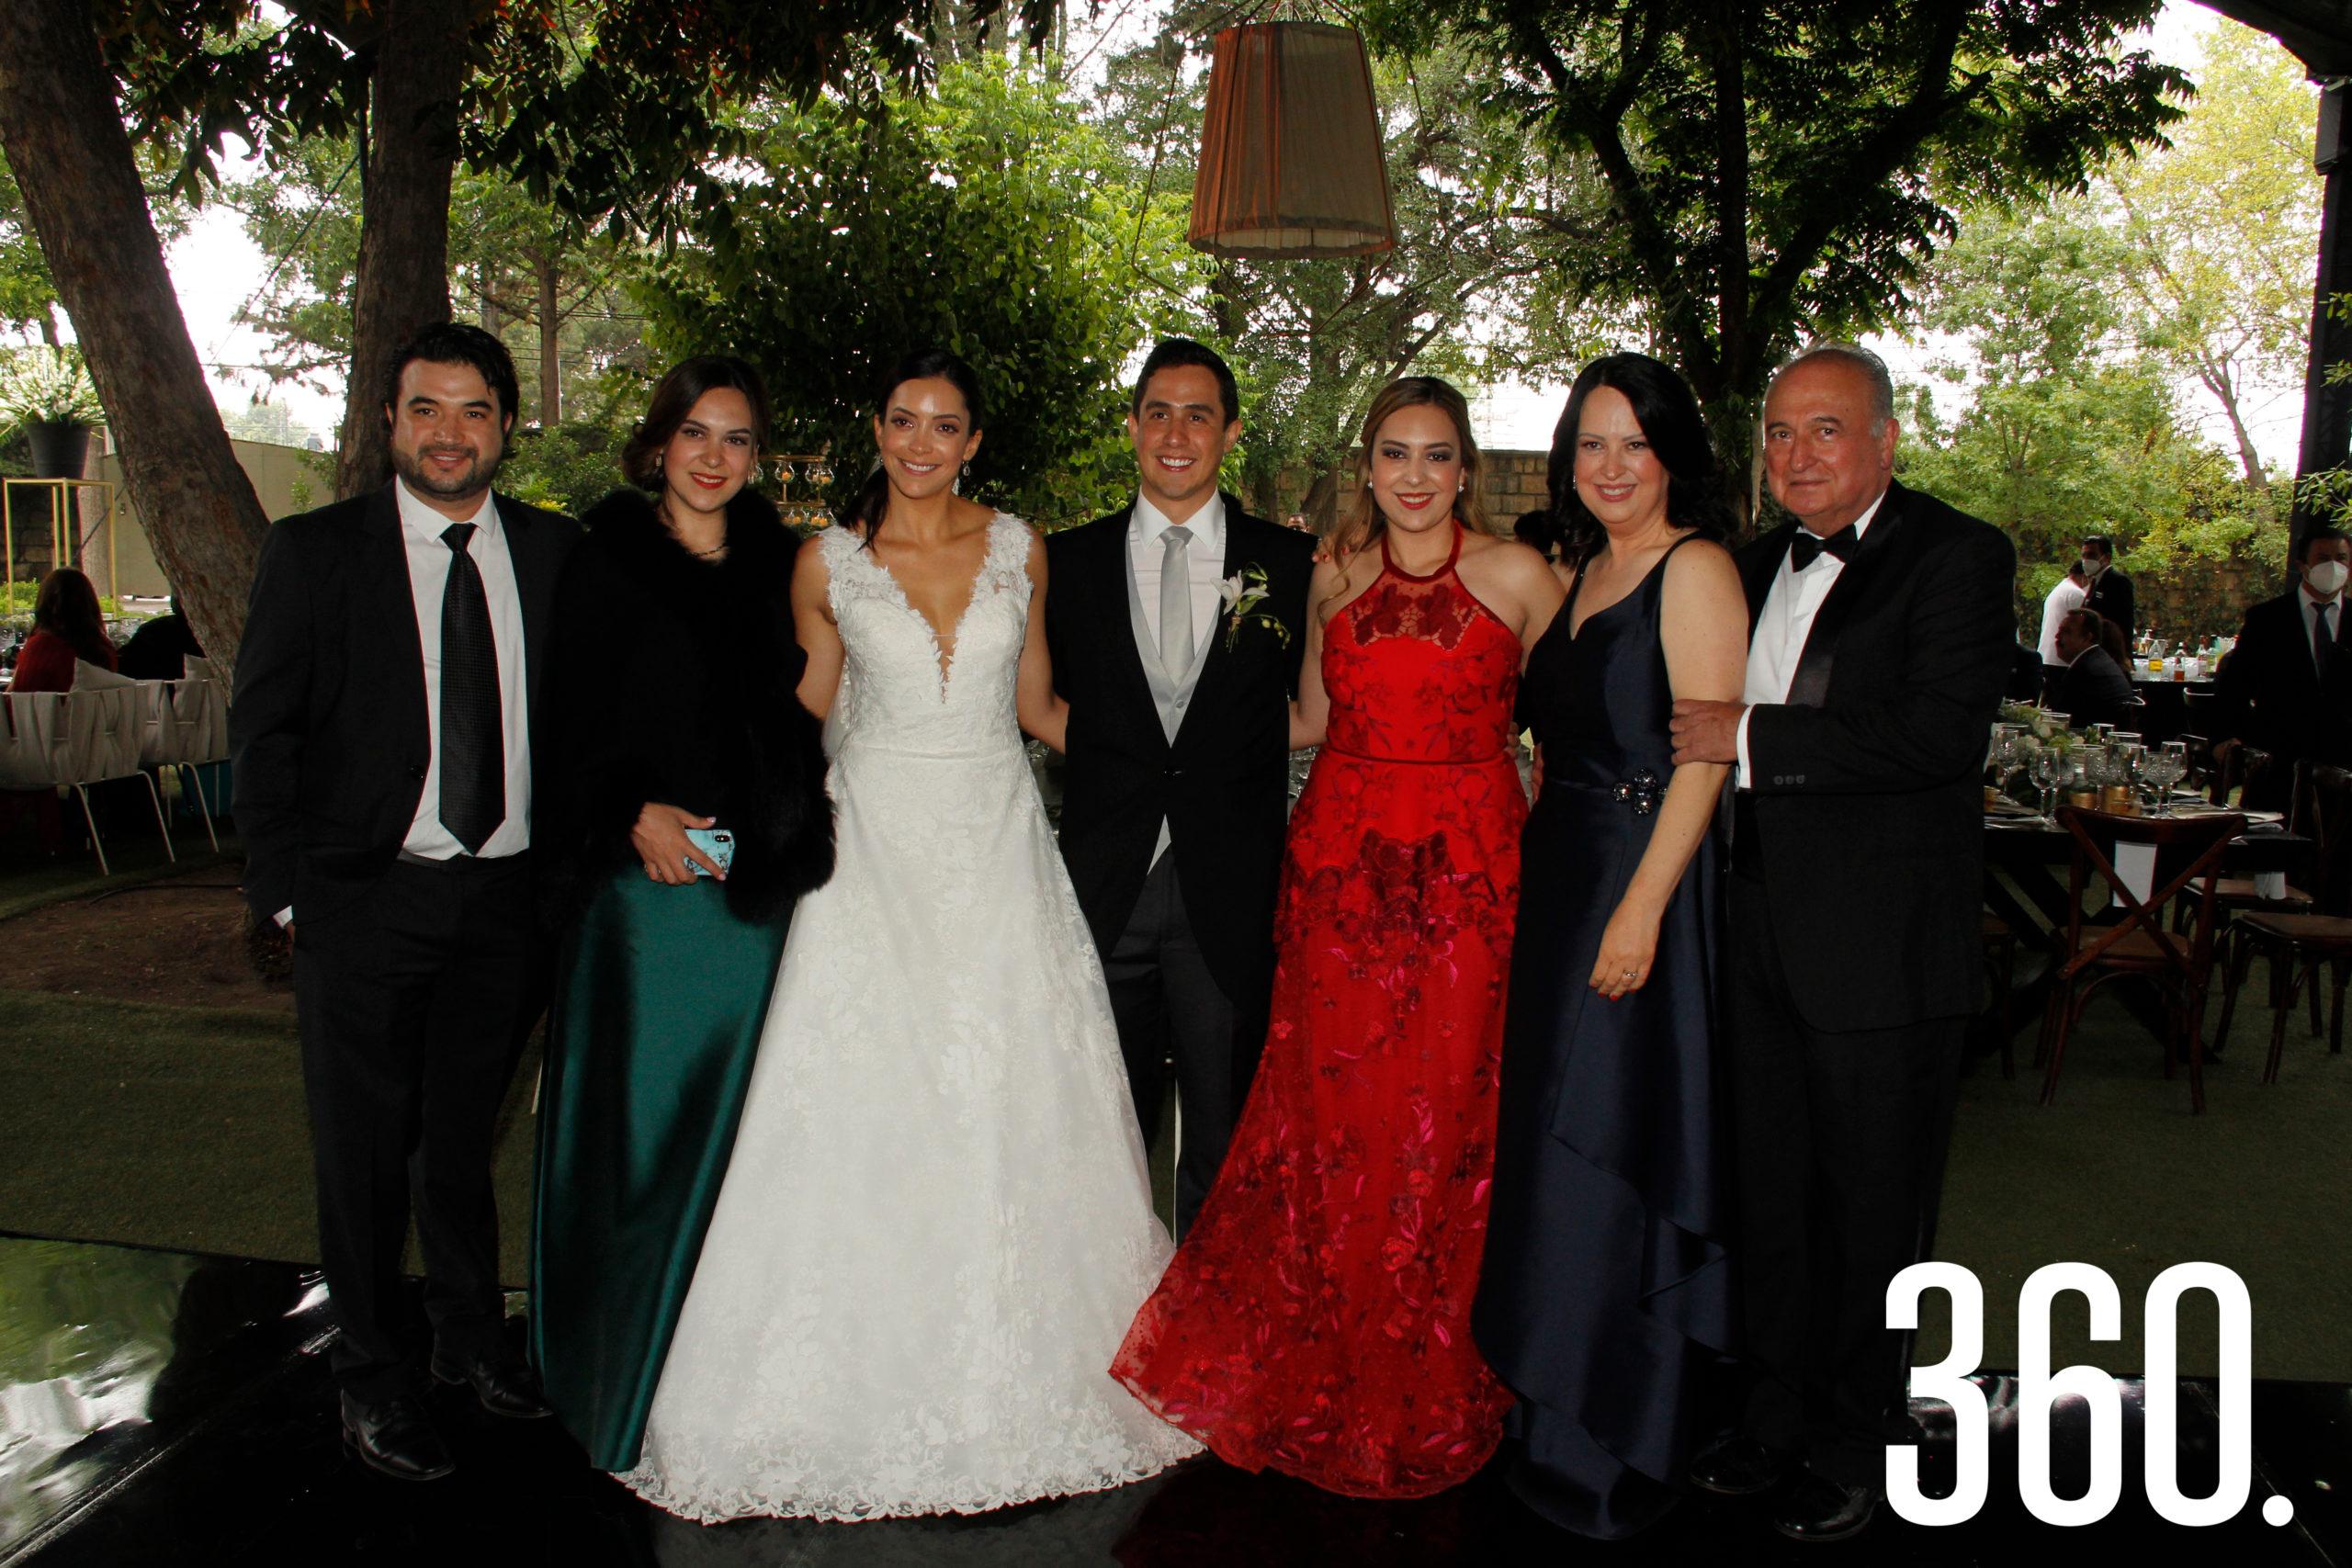 Rolando Martínez, Sofía Torres, Ana Paula Torres, Juan Carlos Díaz, Sofía Flores, Fernanda Torres y Abel Narro.